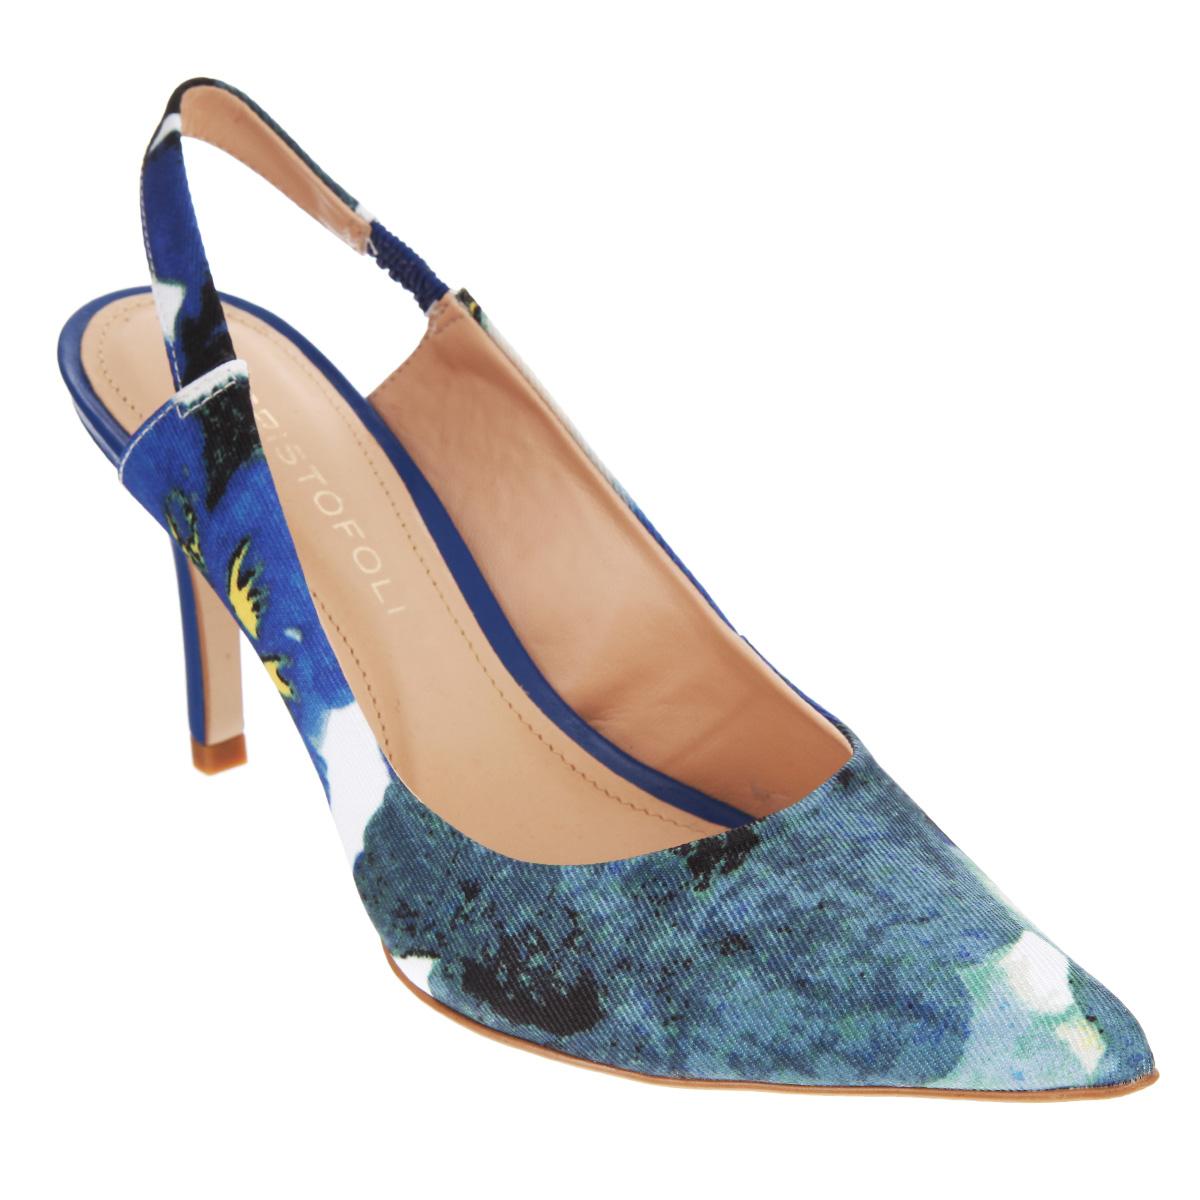 Туфли женские. 150416150416Модные женские туфли от Cristofoli заинтересуют вас своим дизайном. Модель выполнена из высококачественного текстиля и оформлена оригинальным принтом. Ремешок, дополненный резинкой, прочно зафиксирует обувь на вашей щиколотке. Мягкая стелька и подкладка из натуральной кожи обеспечивают комфорт при движении. Подошва дополнена противоскользящим рифлением. Роскошные туфли помогут вам создать неповторимый образ.